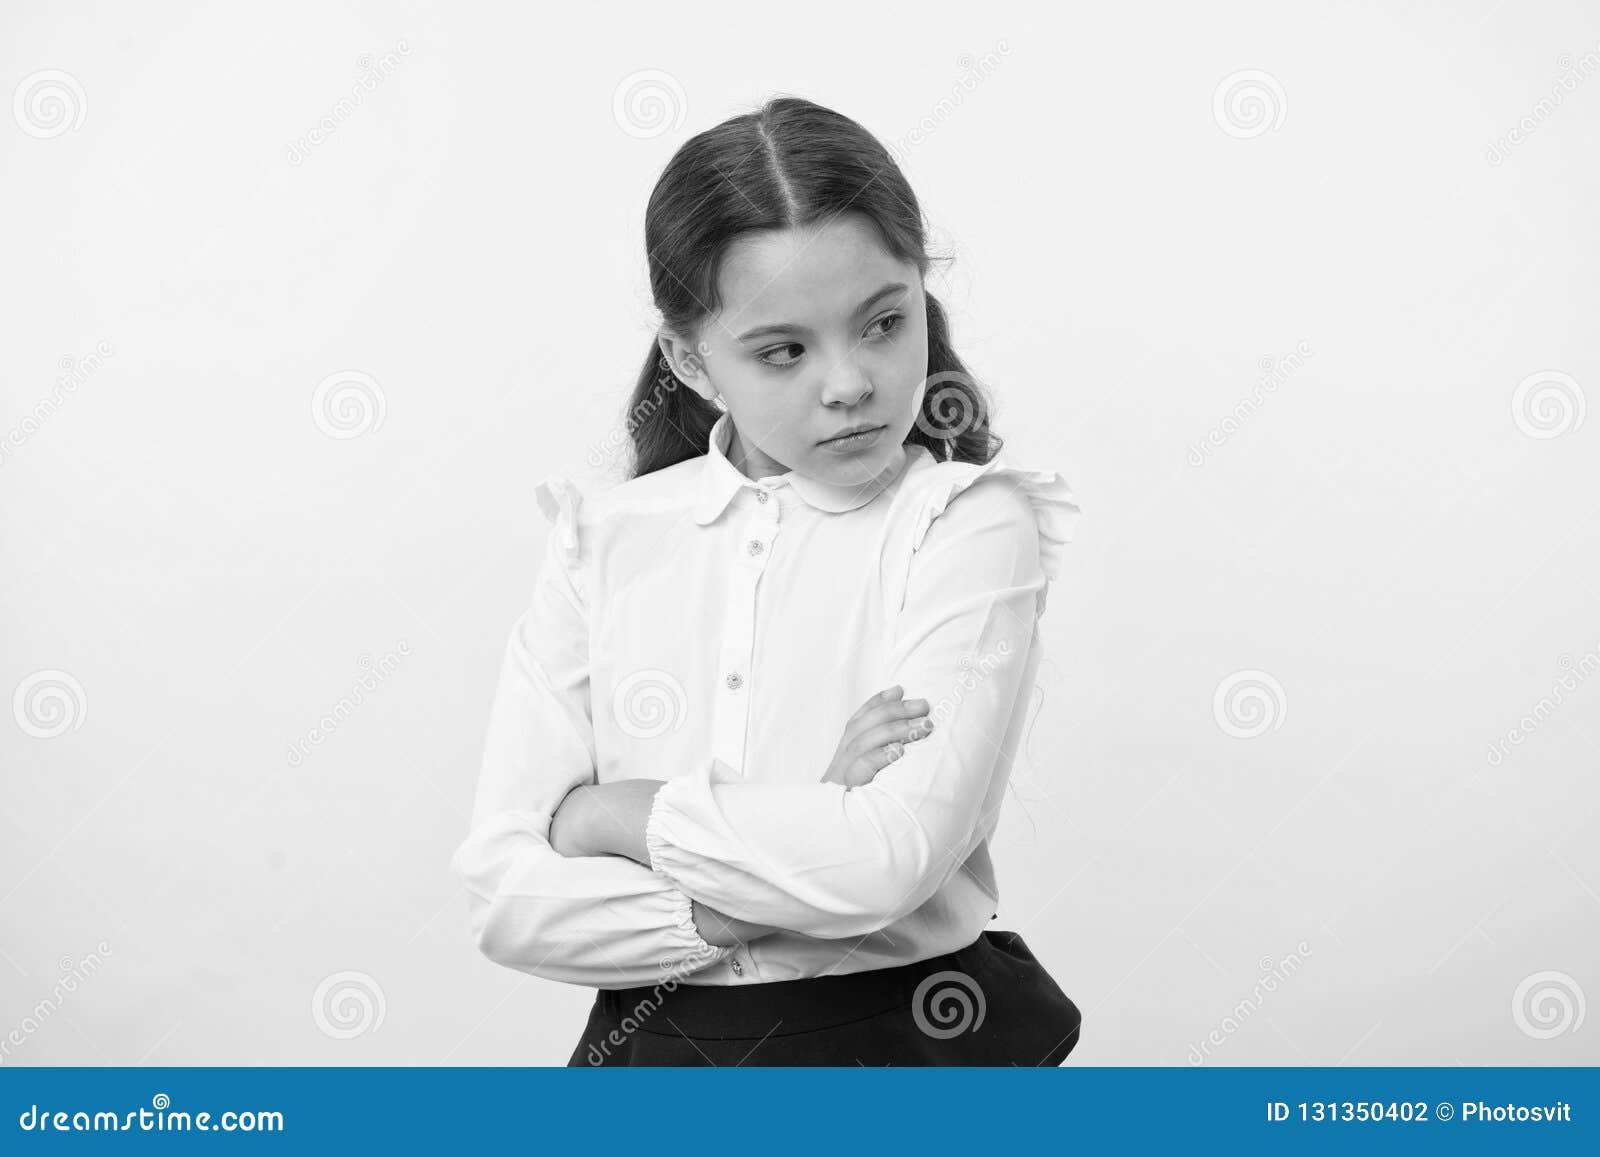 Αυτός δεν είναι δίκαιος Μαθητής να μην συμφωνήσει με το σημάδι Το σοβαρό πρόσωπο κοριτσιών προέσβαλε το κίτρινο υπόβαθρο Δυστυχισ